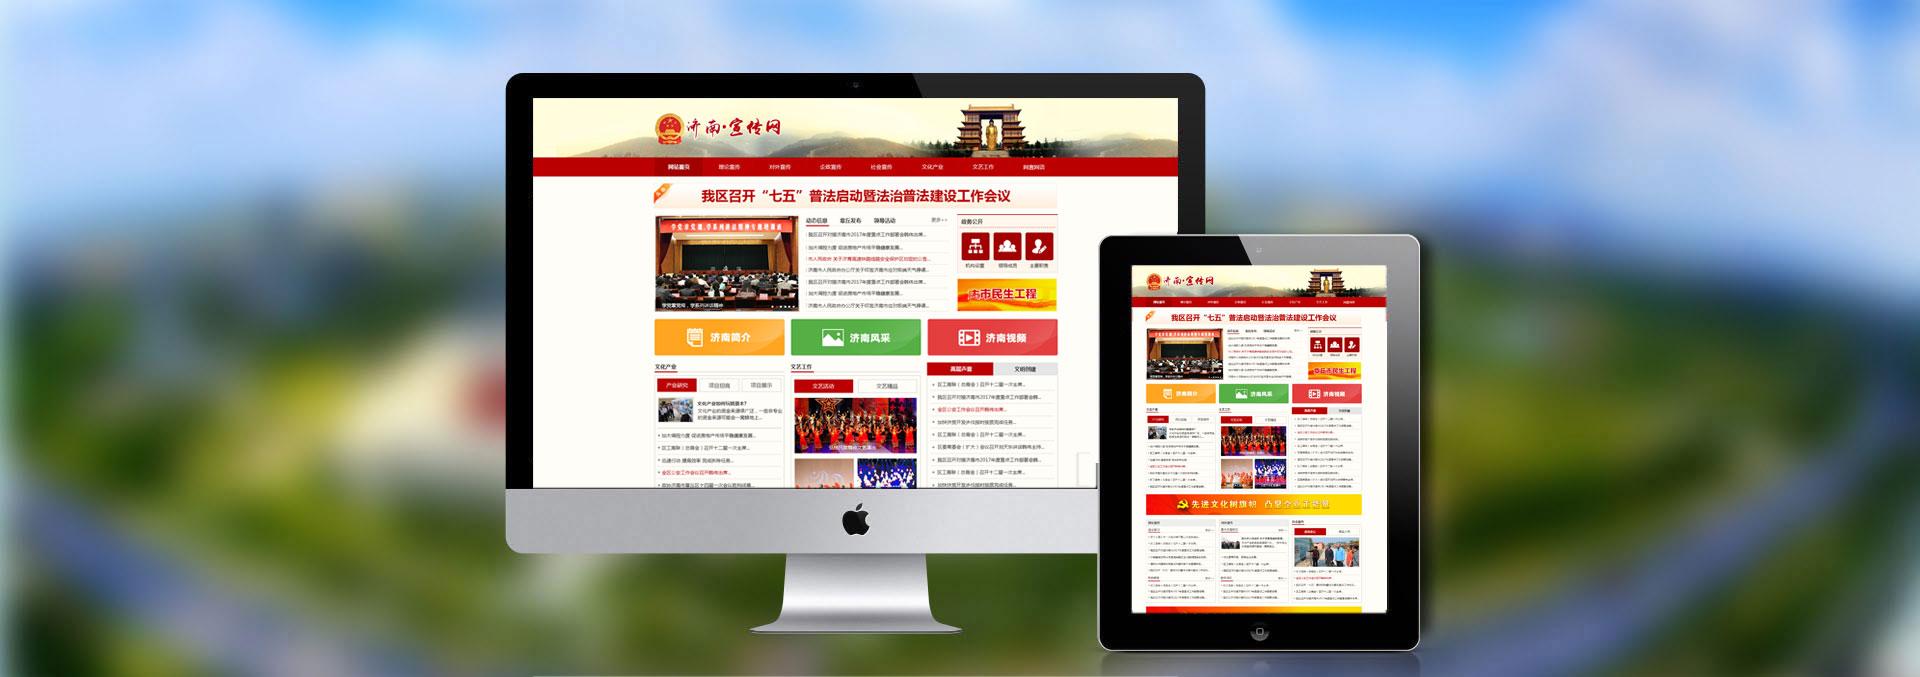 济南区政府宣传网